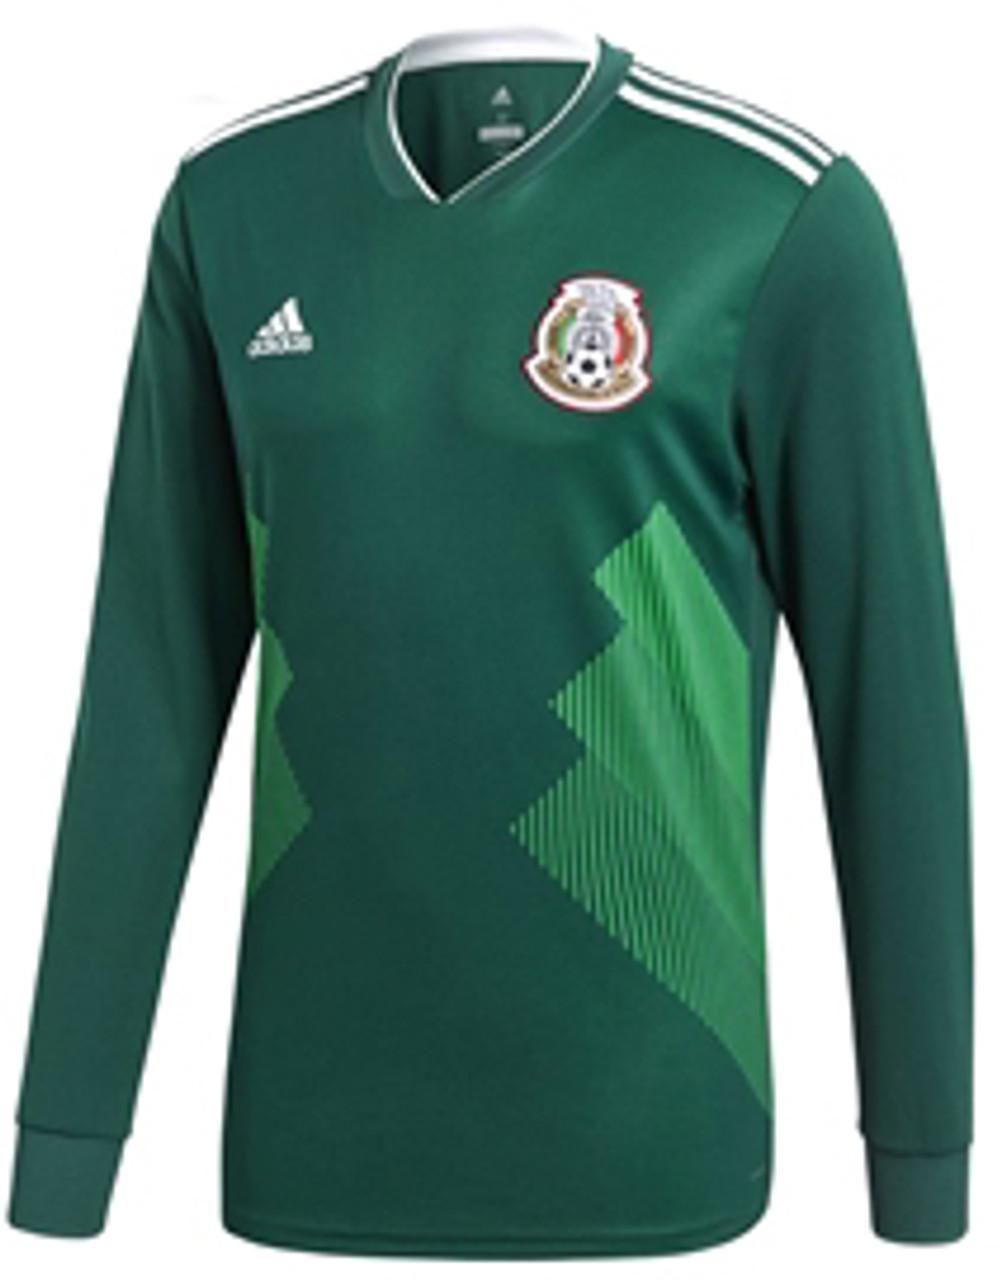 temperatura Por ahí carencia  ADIDAS MEXICO WORLD CUP 2018 HOME L/S JERSEY - Soccer Plus